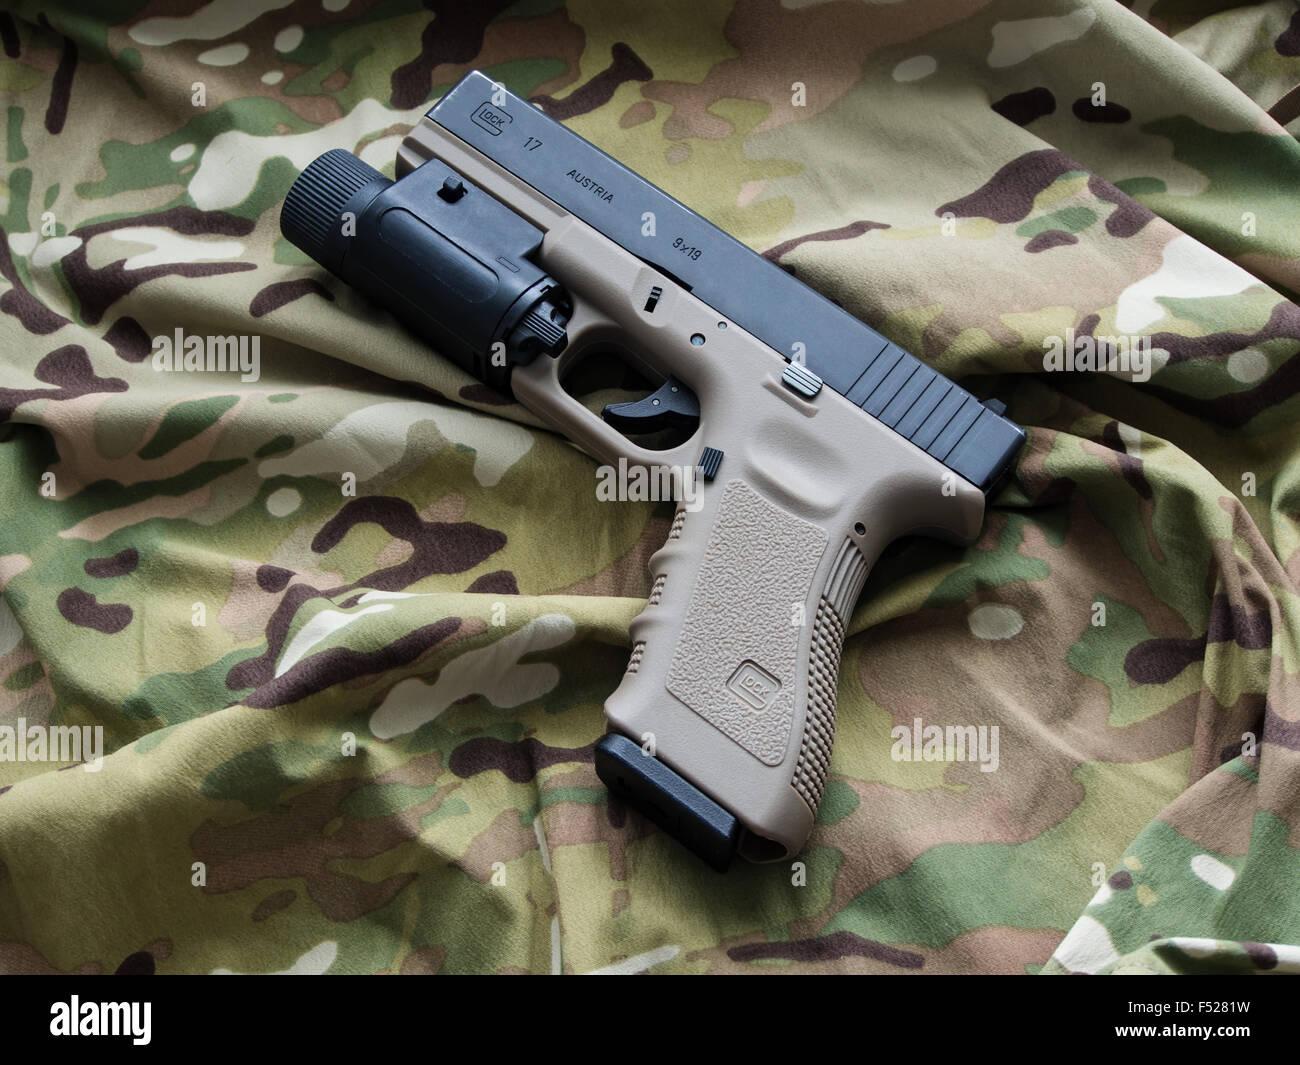 Glock 17 semi-automático 9x19mm pistola y una trama de fondo Multicam Foto de stock